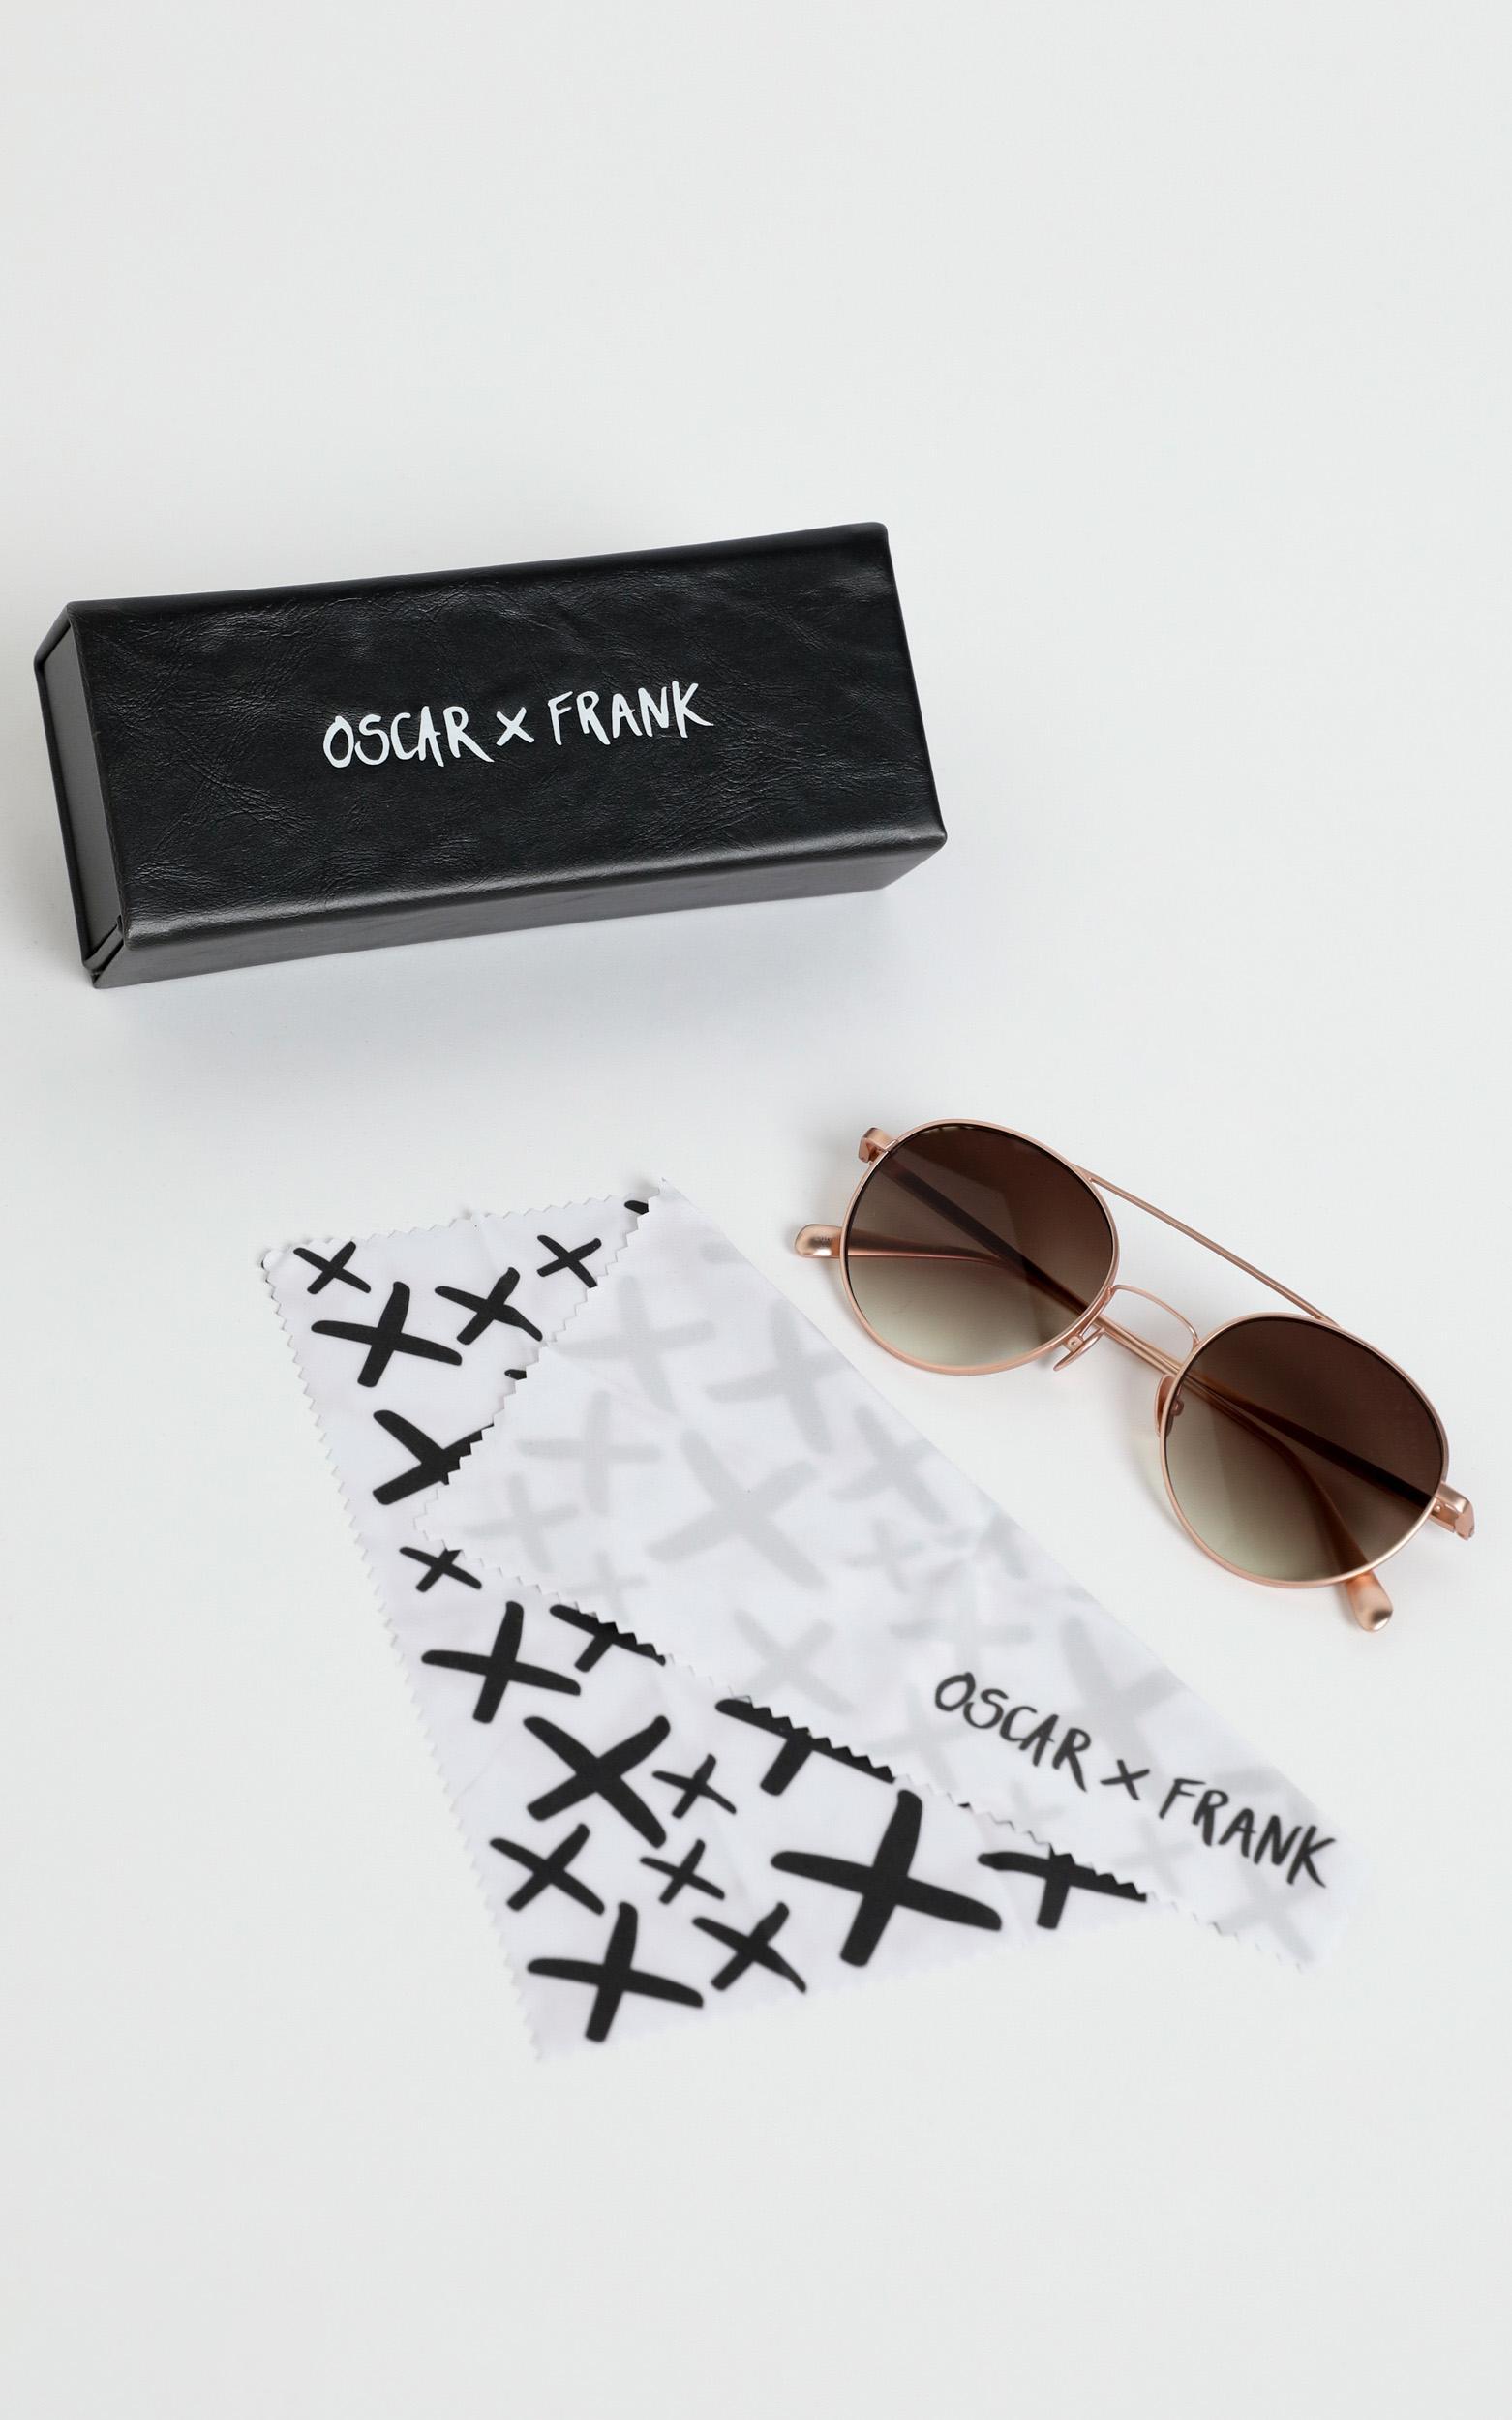 Oscar & Frank - Langkawi 2.0 Sunglasses in Rose Gold, Rose Gold, hi-res image number null